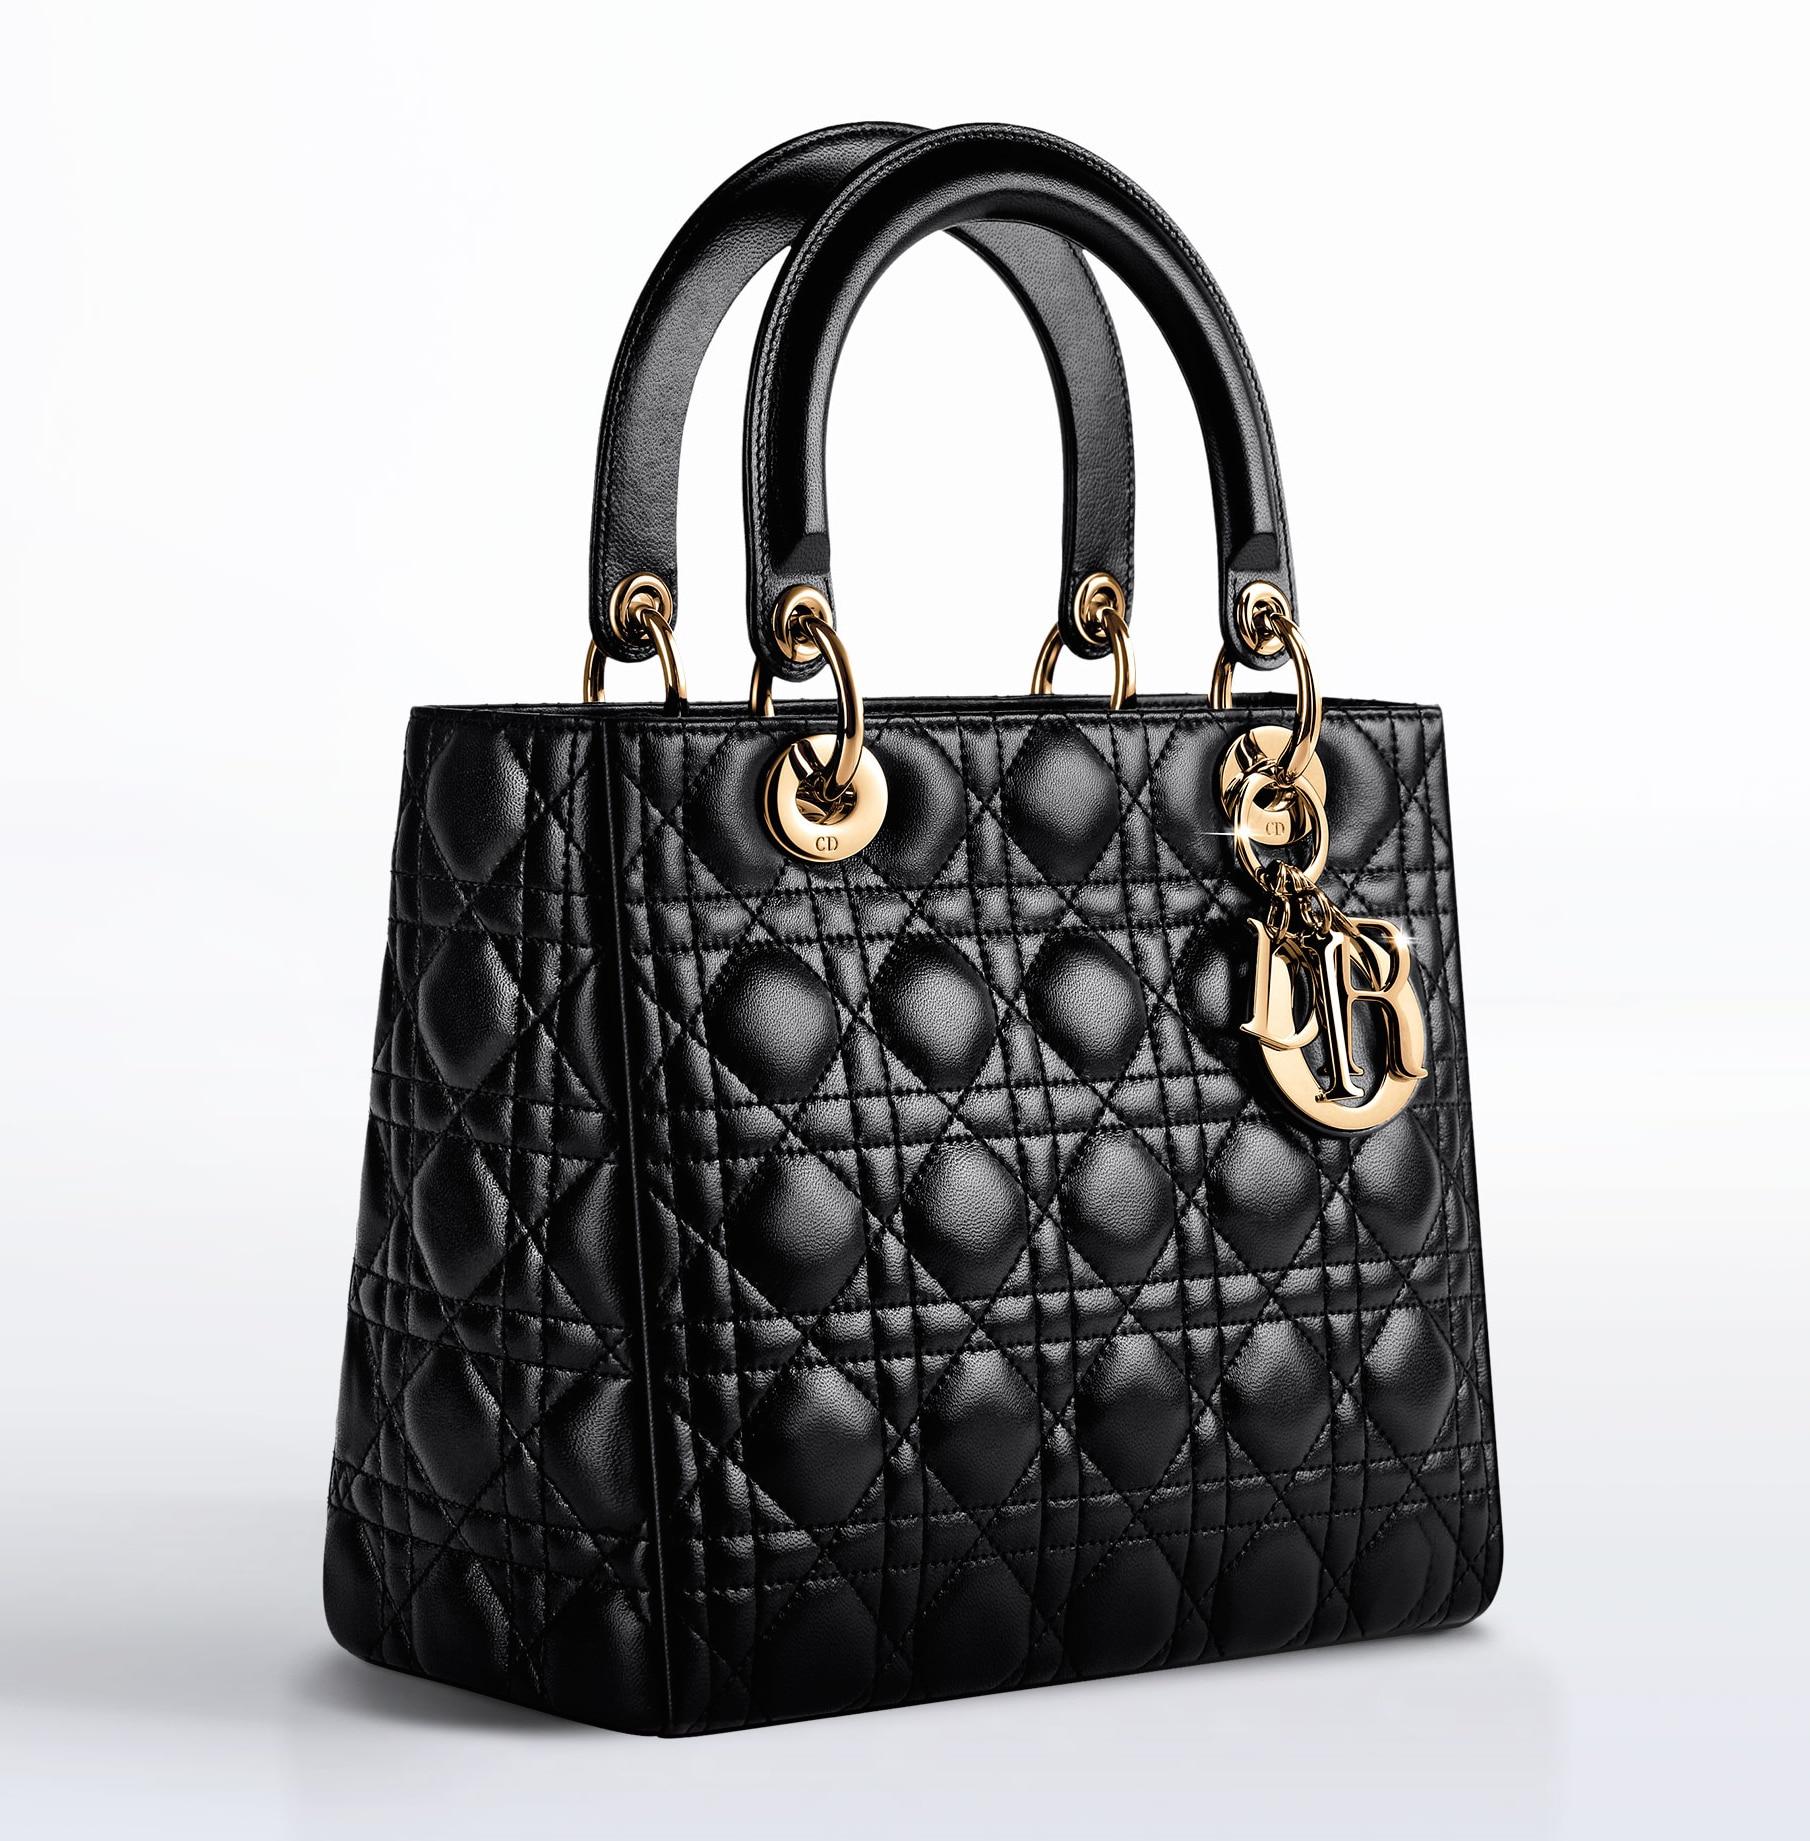 Lady-Dior-Bag-2.jpg